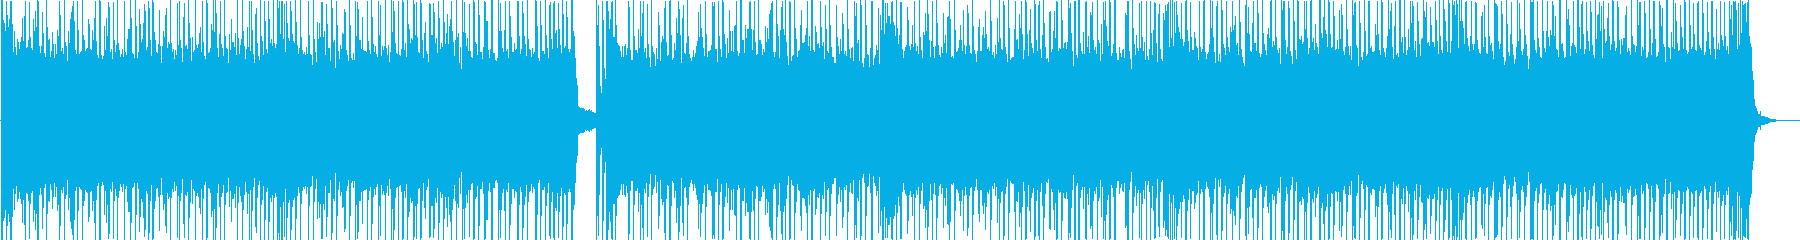 ギターとベースの疾走感あるロックな曲の再生済みの波形